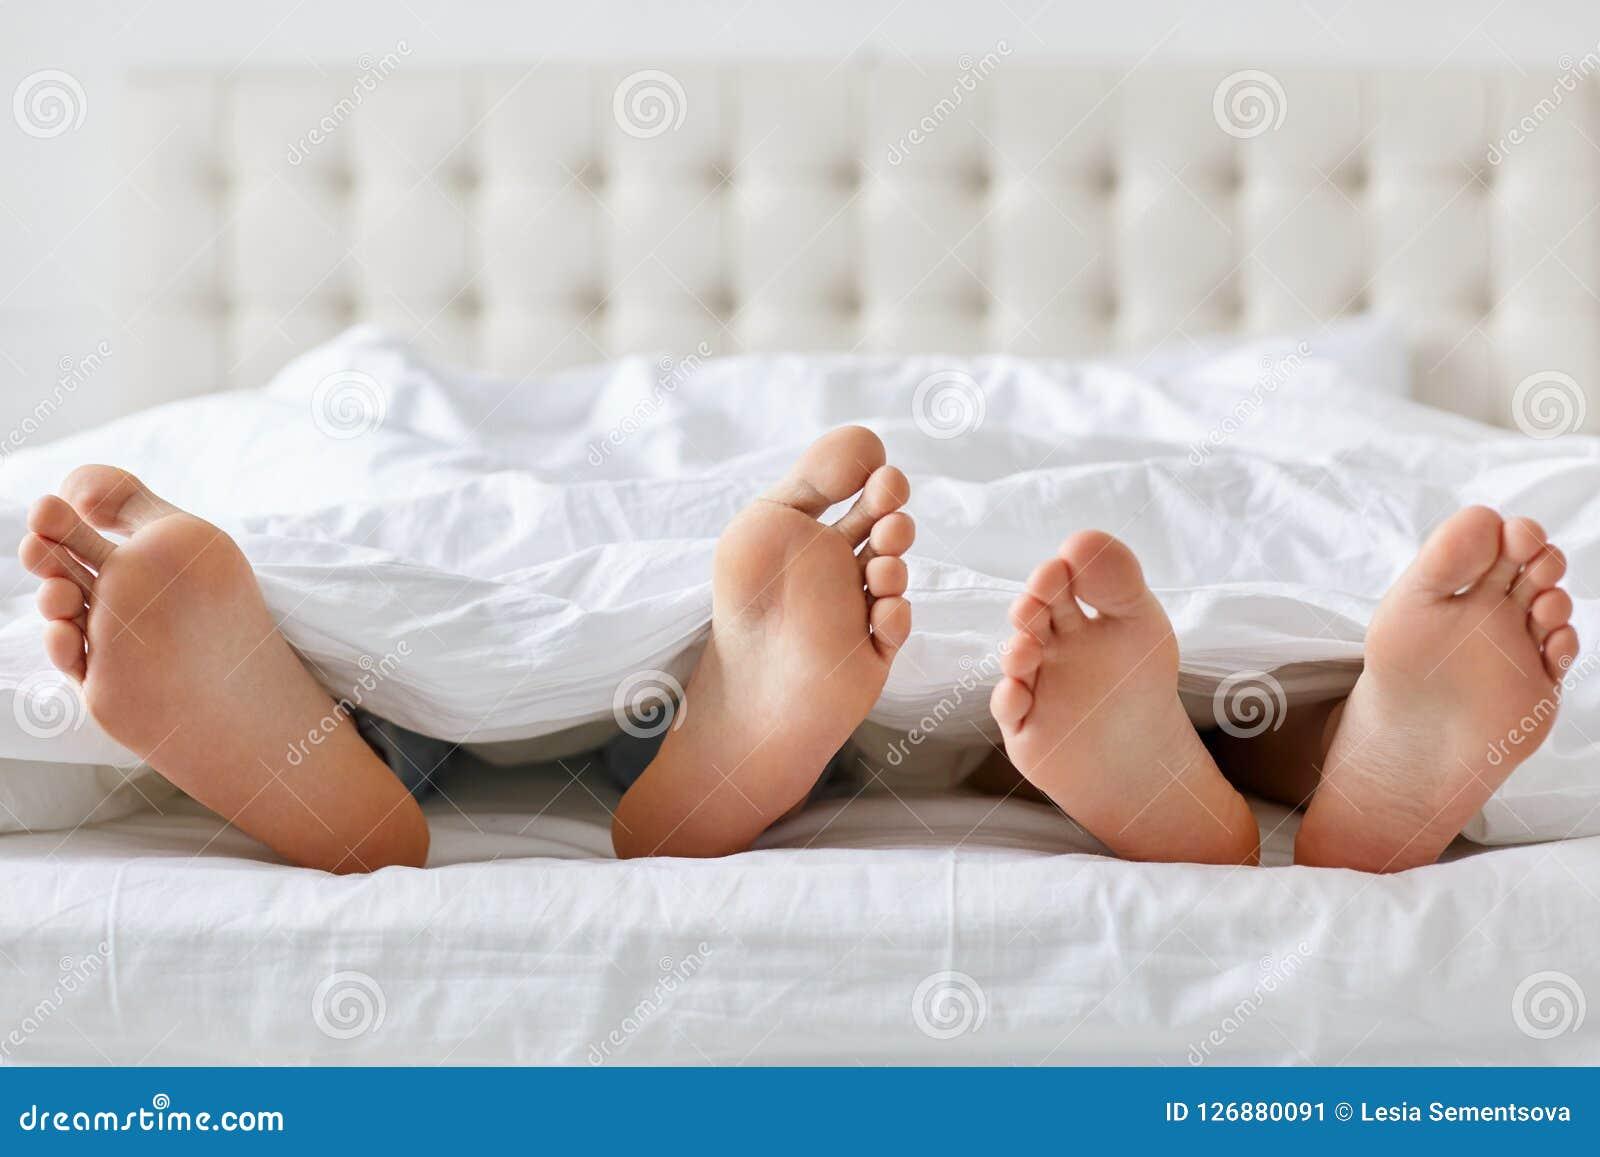 dating websites voor voeten